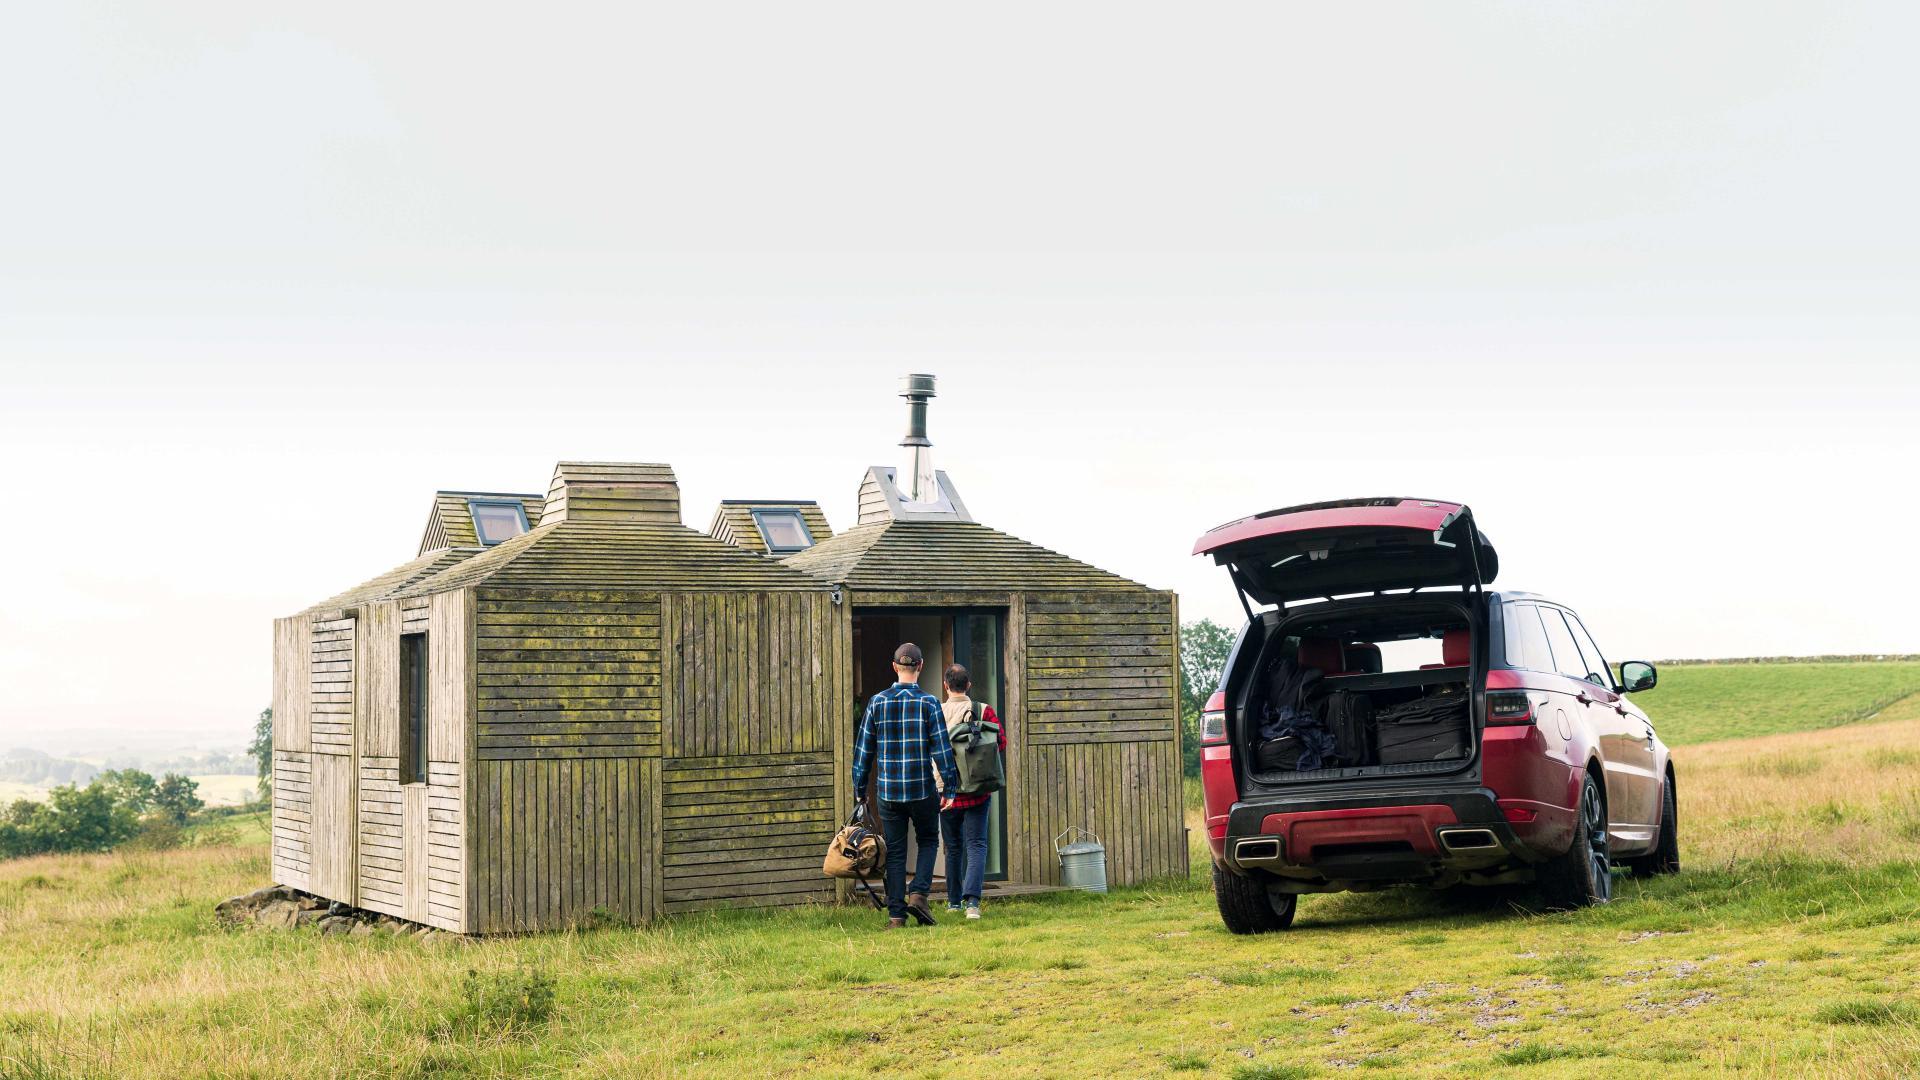 Unloading at Brockloch Bothy, Galloway, Scotland